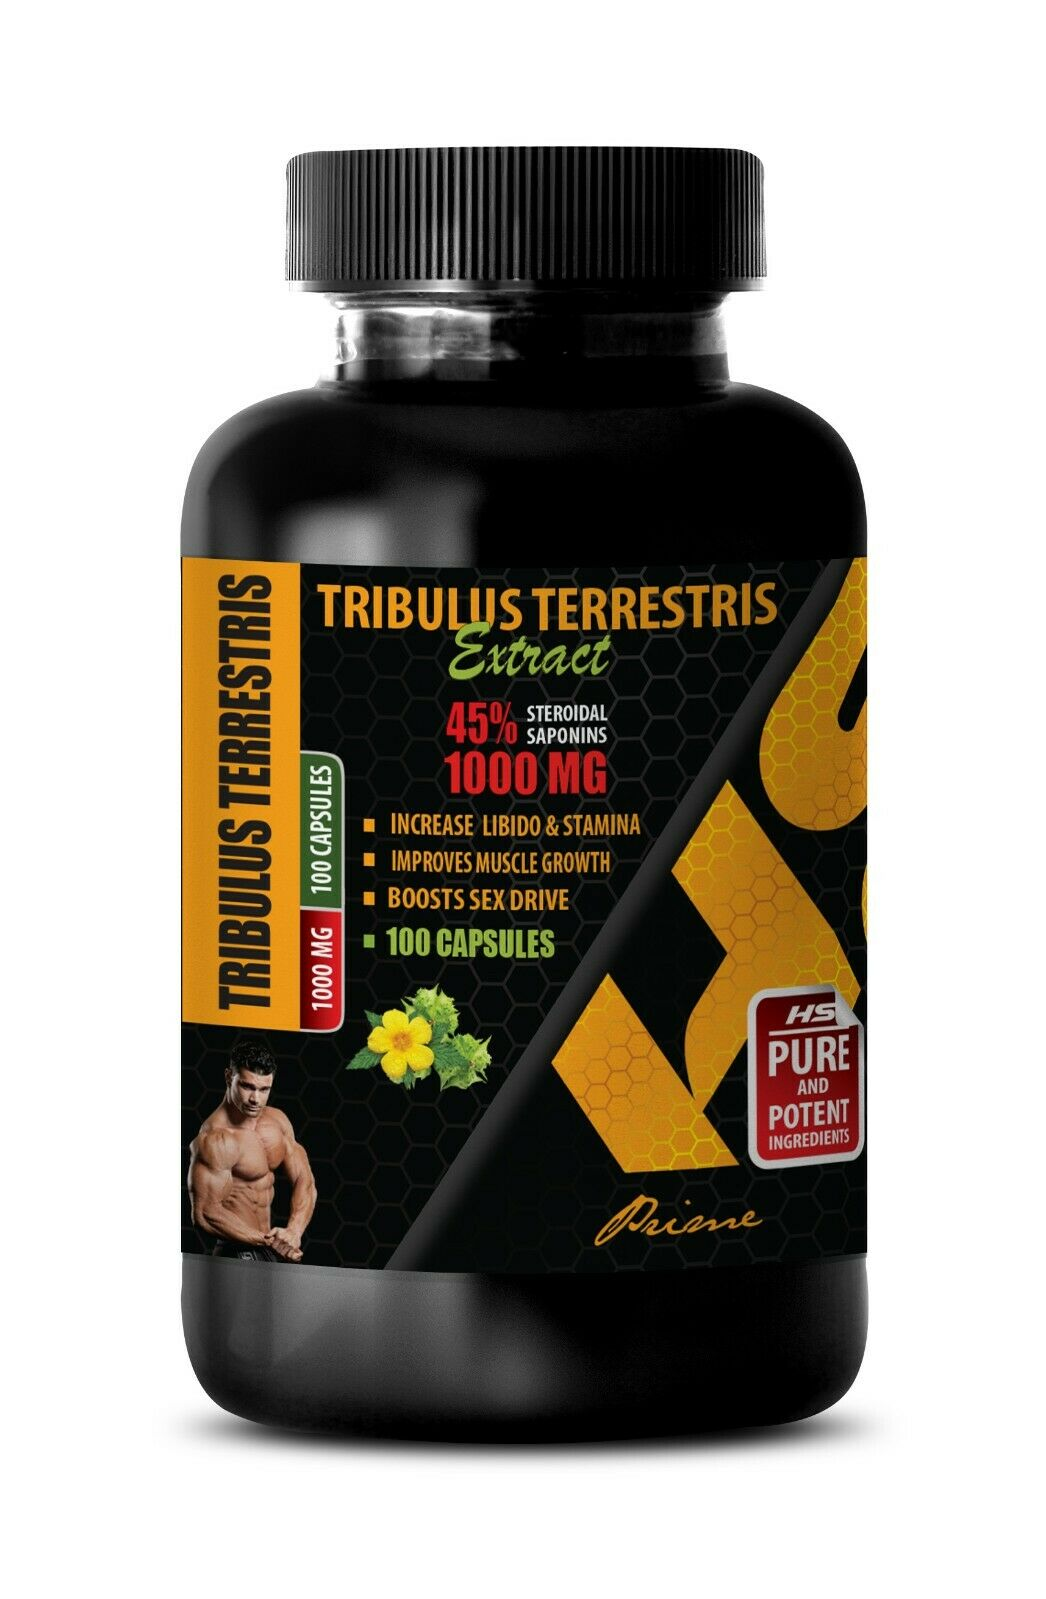 Трибулус террестрис— зачем он нужен для мышц и как его правильно принимать?